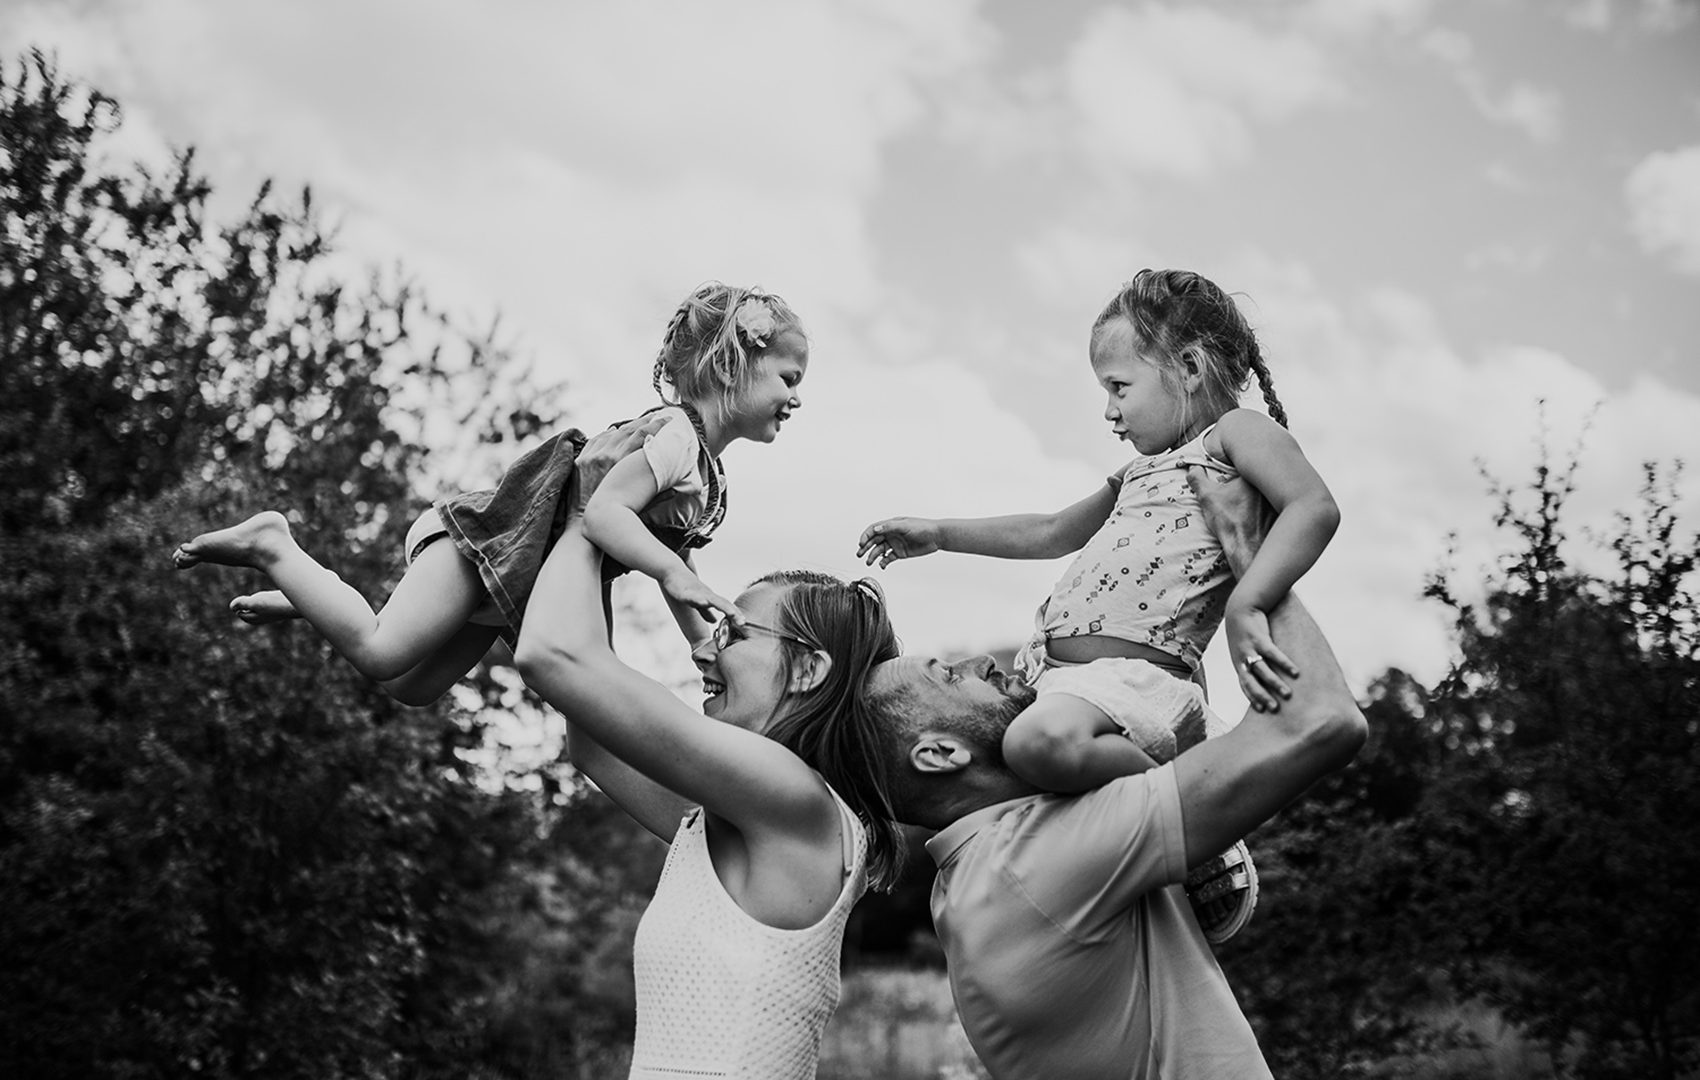 gezinsfotografie-eva-thomassen-fotografie